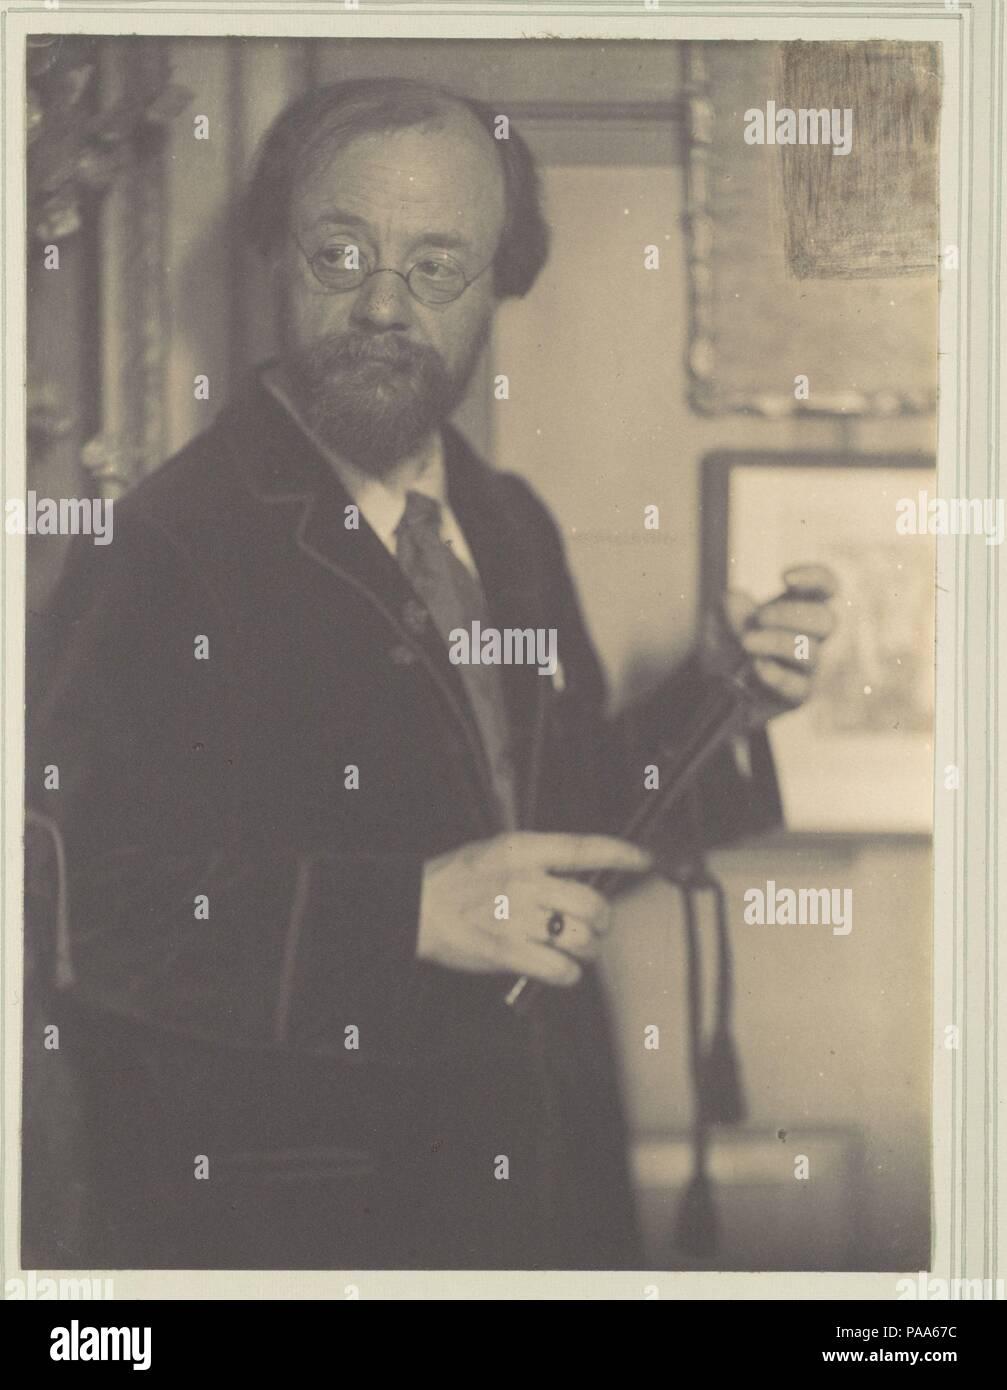 F. H. Evans. Artista: Gertrude Käsebier (Americano, 1852-1934). Dimensiones: Imagen: 8. × 5 7/8 in. (20,3 × 15 cm) Hoja: 13/16 14 × 10 5/16 in. (37,7 × 26,2 cm). Maker: montado por Frederick H. Evans (Británico, Londres Londres, 1853-1943). Fecha: ca. 1901. Museo: Museo Metropolitano de Arte, Nueva York, Estados Unidos. Foto de stock